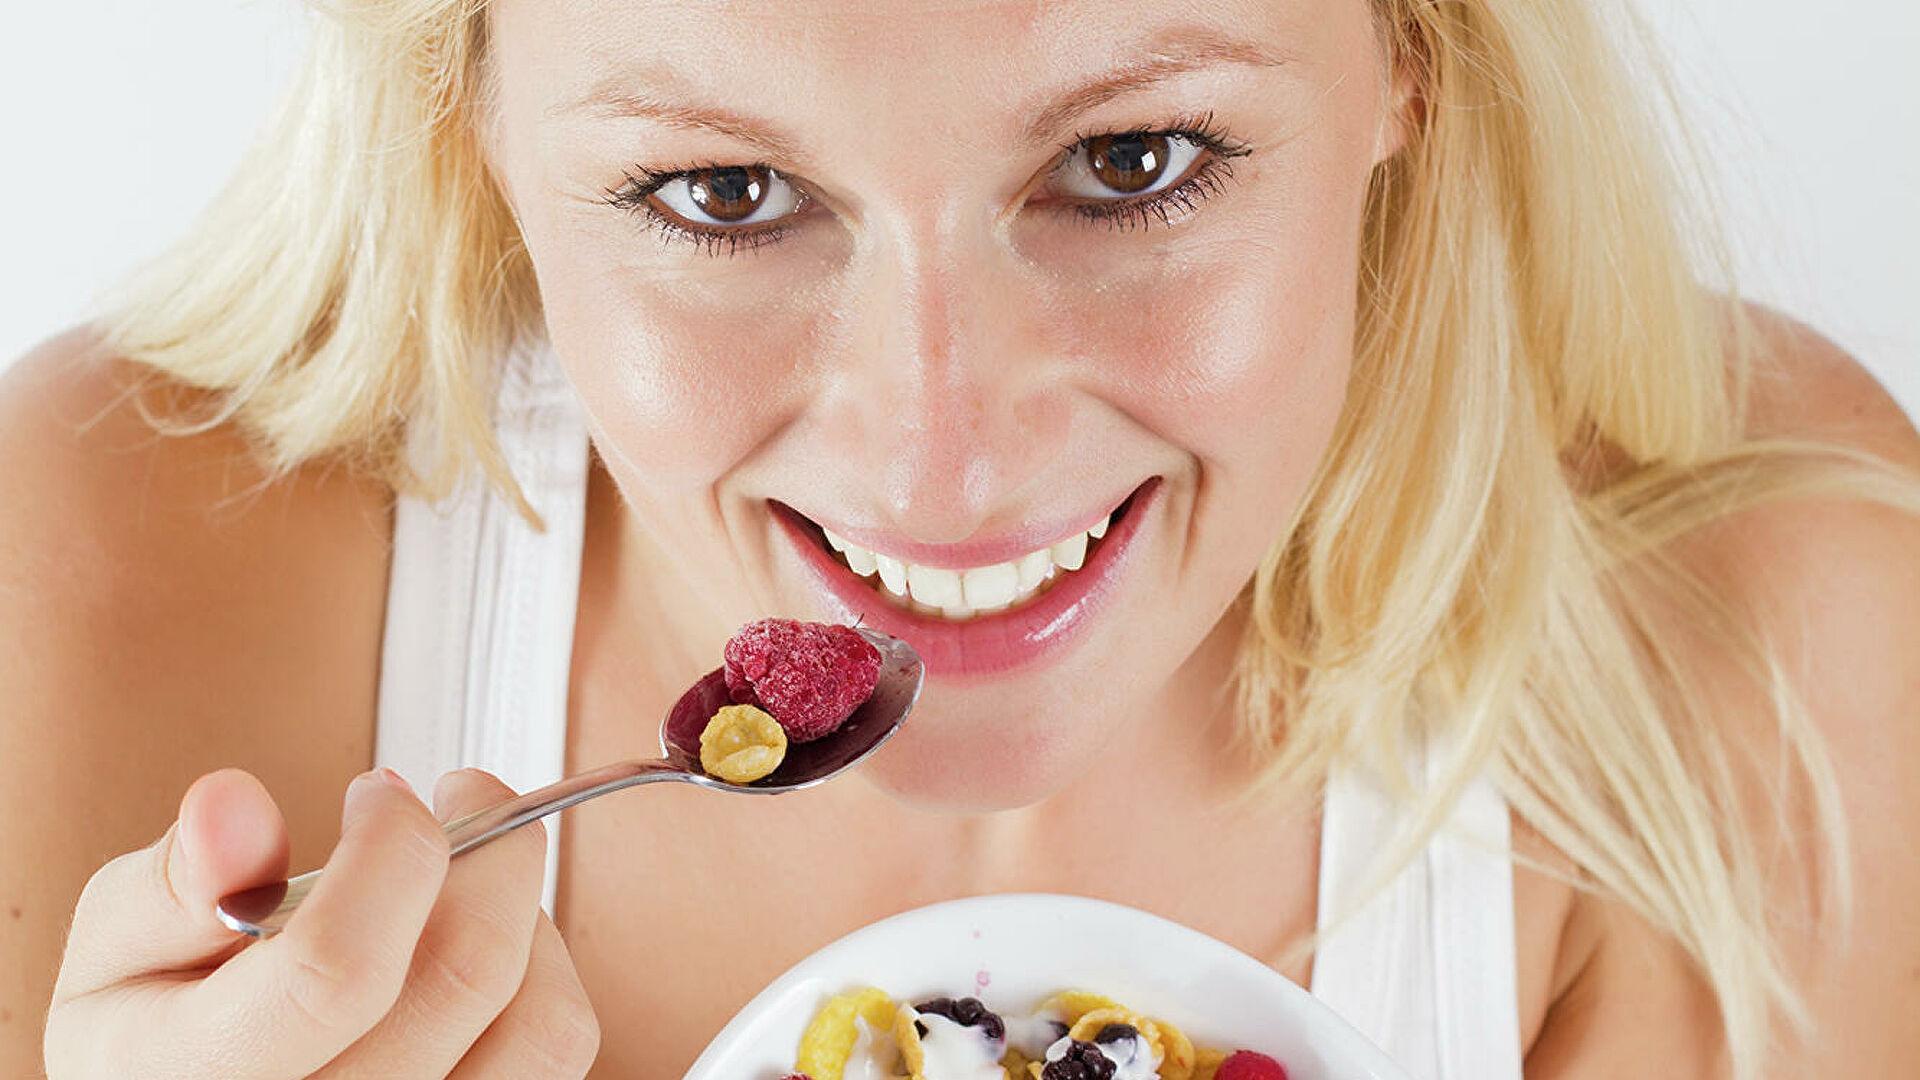 Названы лучшие продукты для улучшения гормонального фона